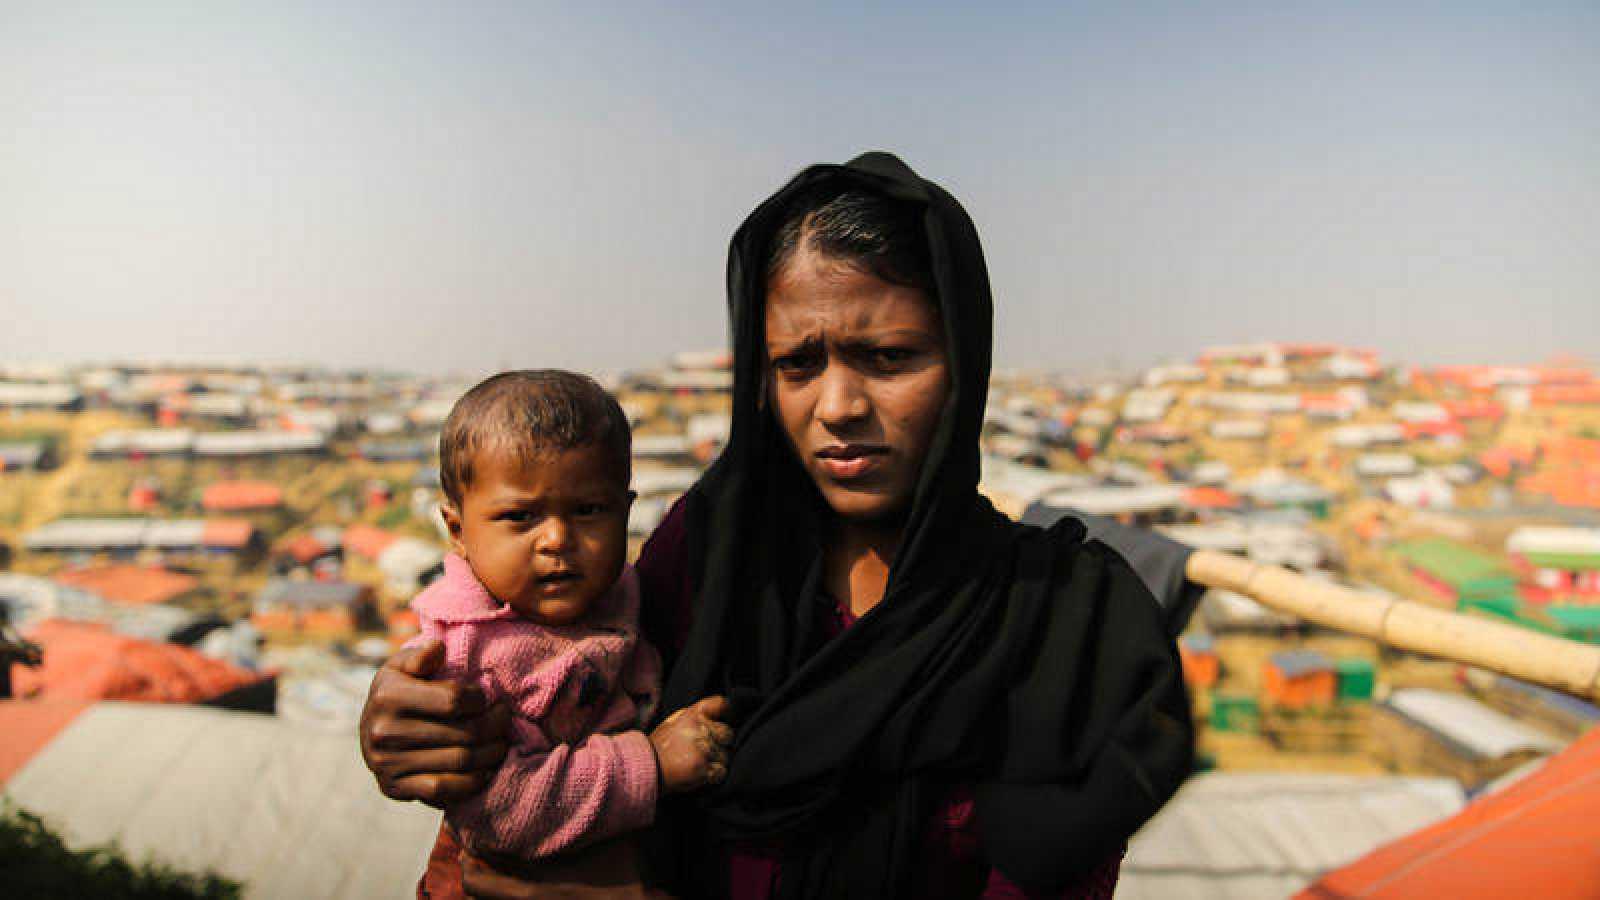 Yassin Tara, de 20 años y su hija Asma de 10, son refugiadas rohingya en Bangladesh desde septiembre